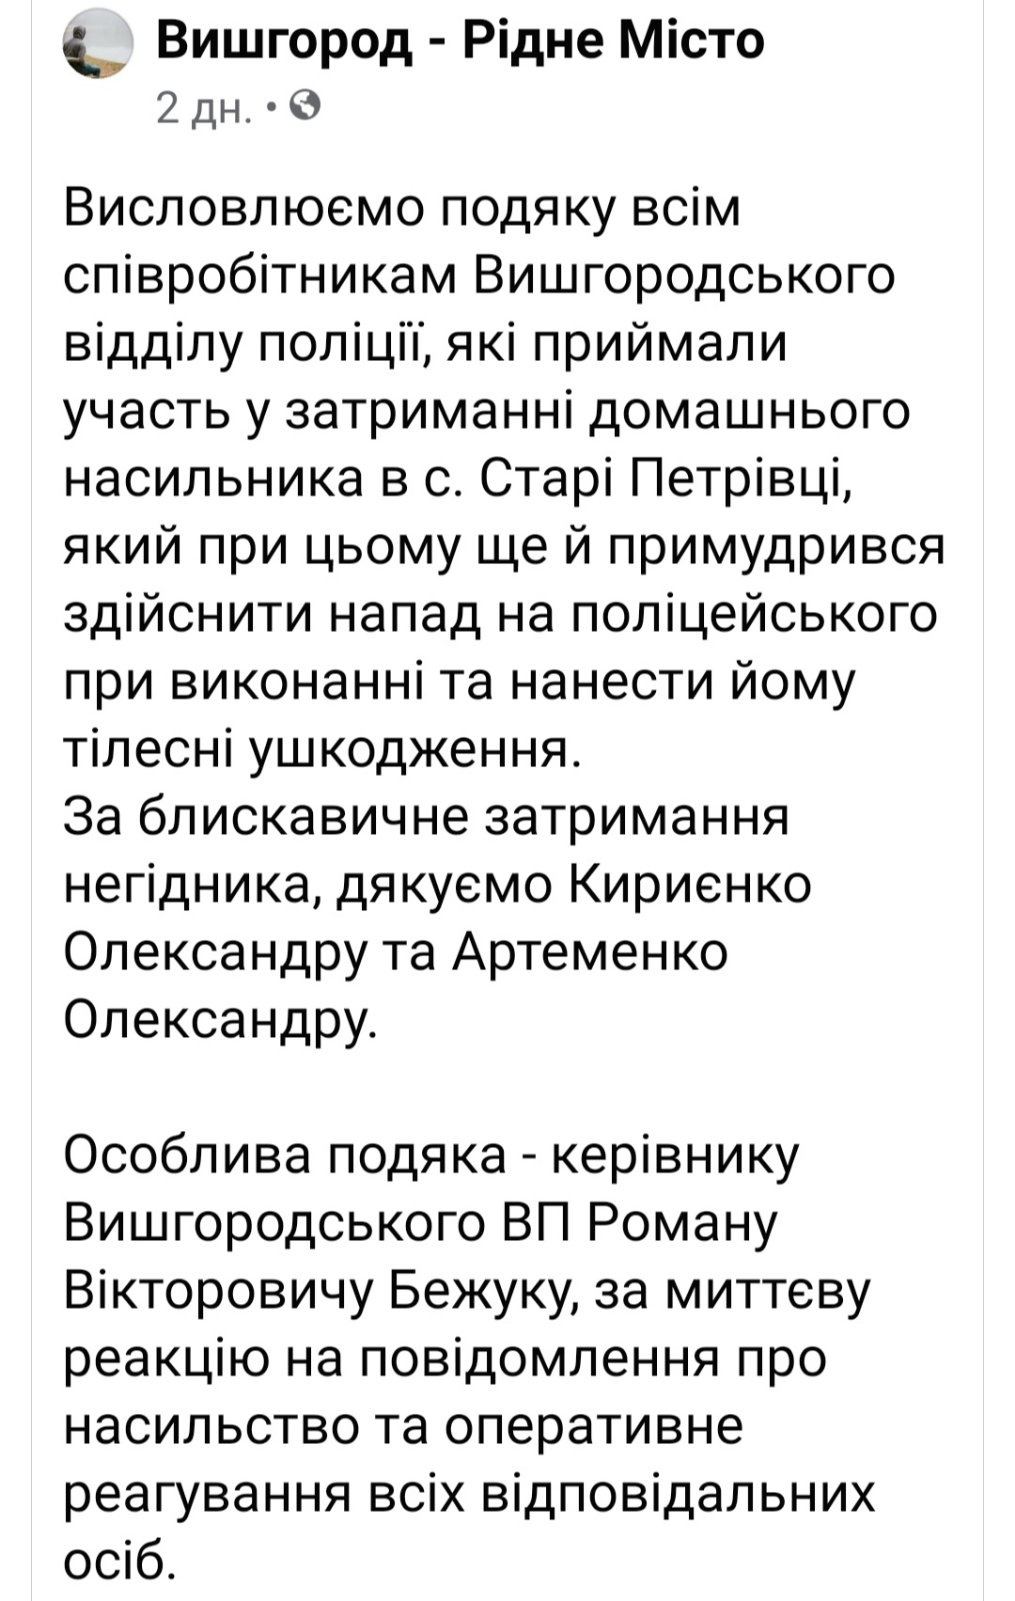 На Вишгородщині домашній дебошир накинувся на поліцейського - поліція Вишгородського району, кримінал, домашнє насильство - NASSSSSSSSSSSSS1